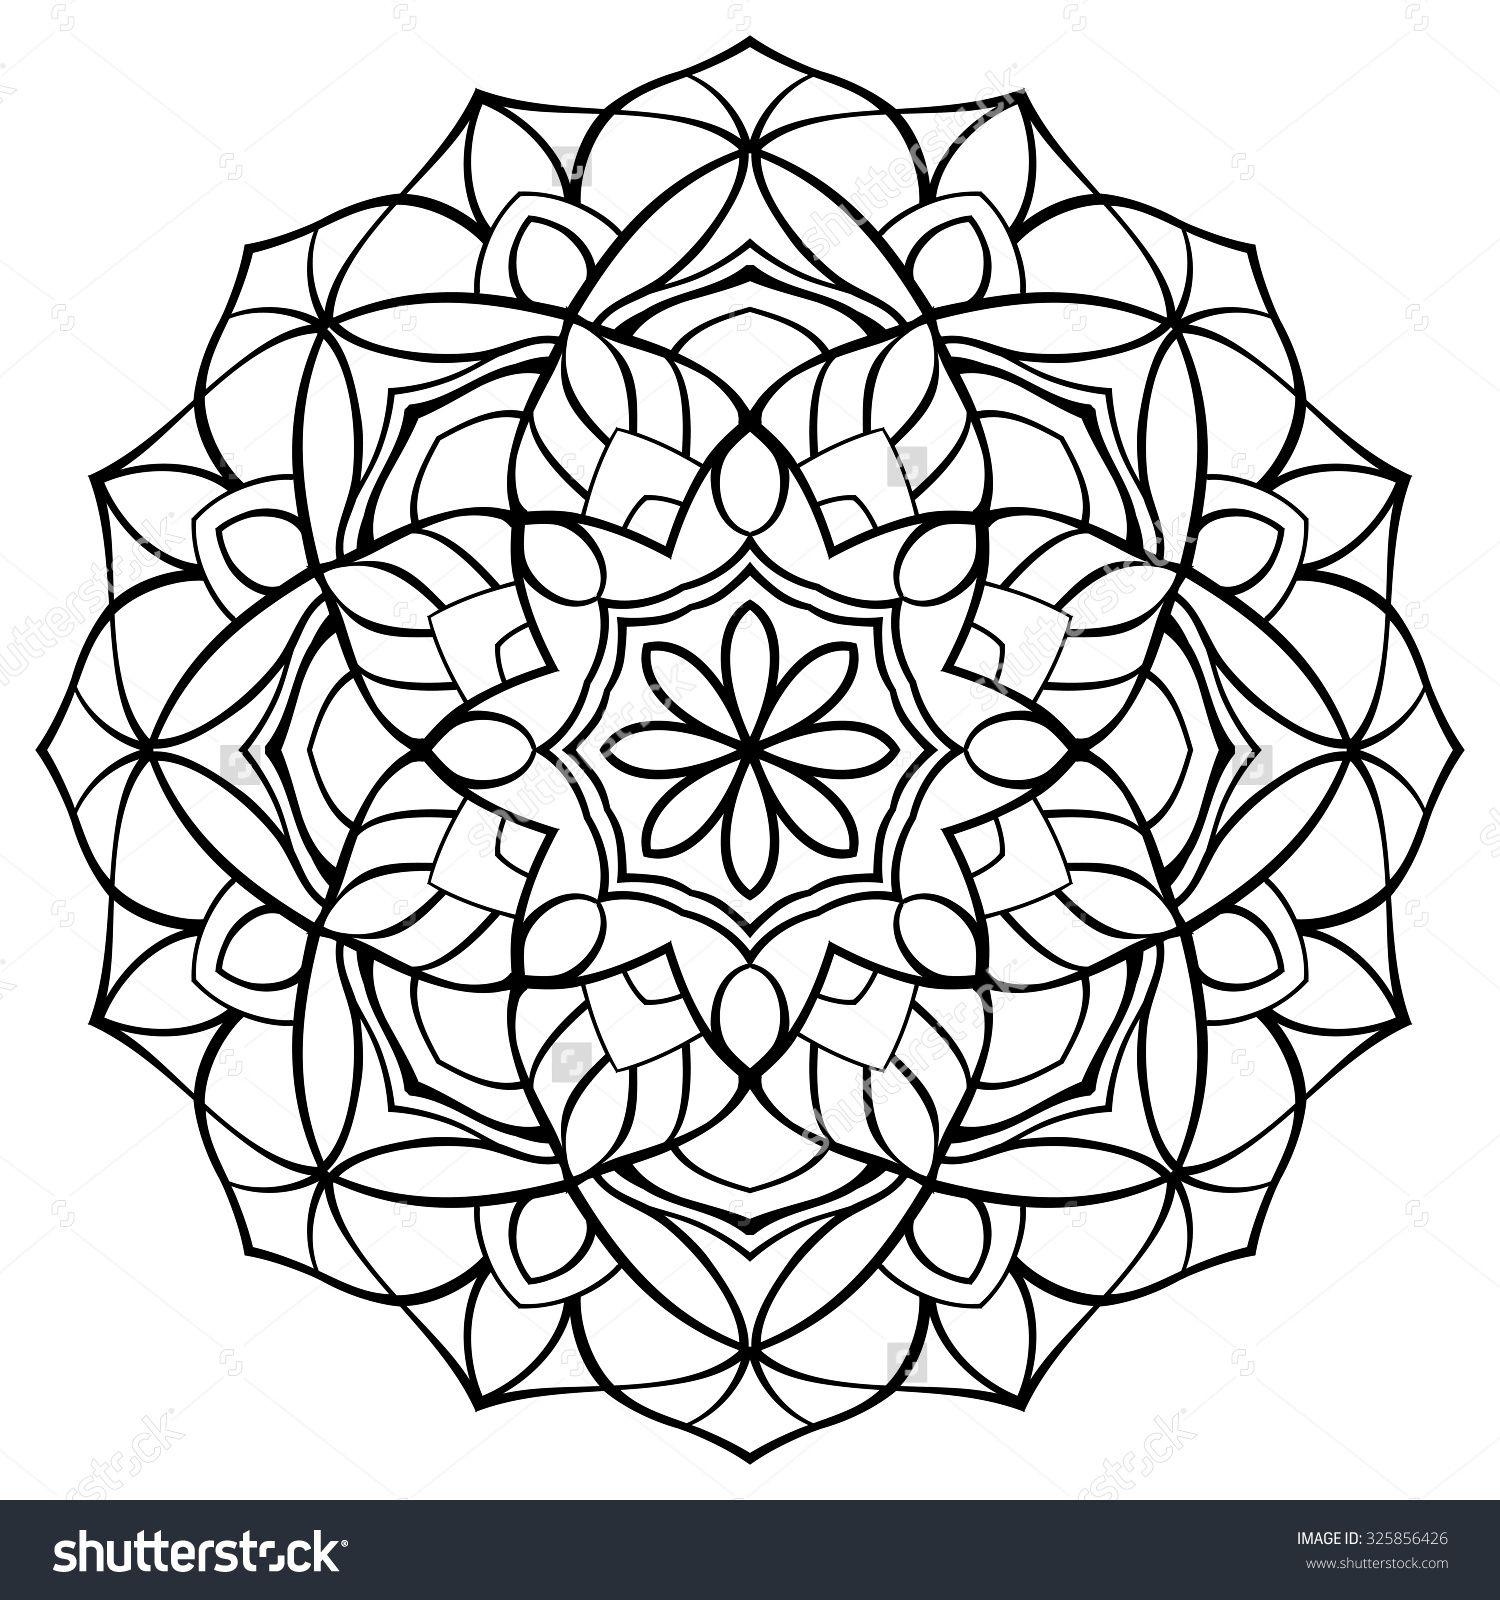 Mandala Template - Virtren.com